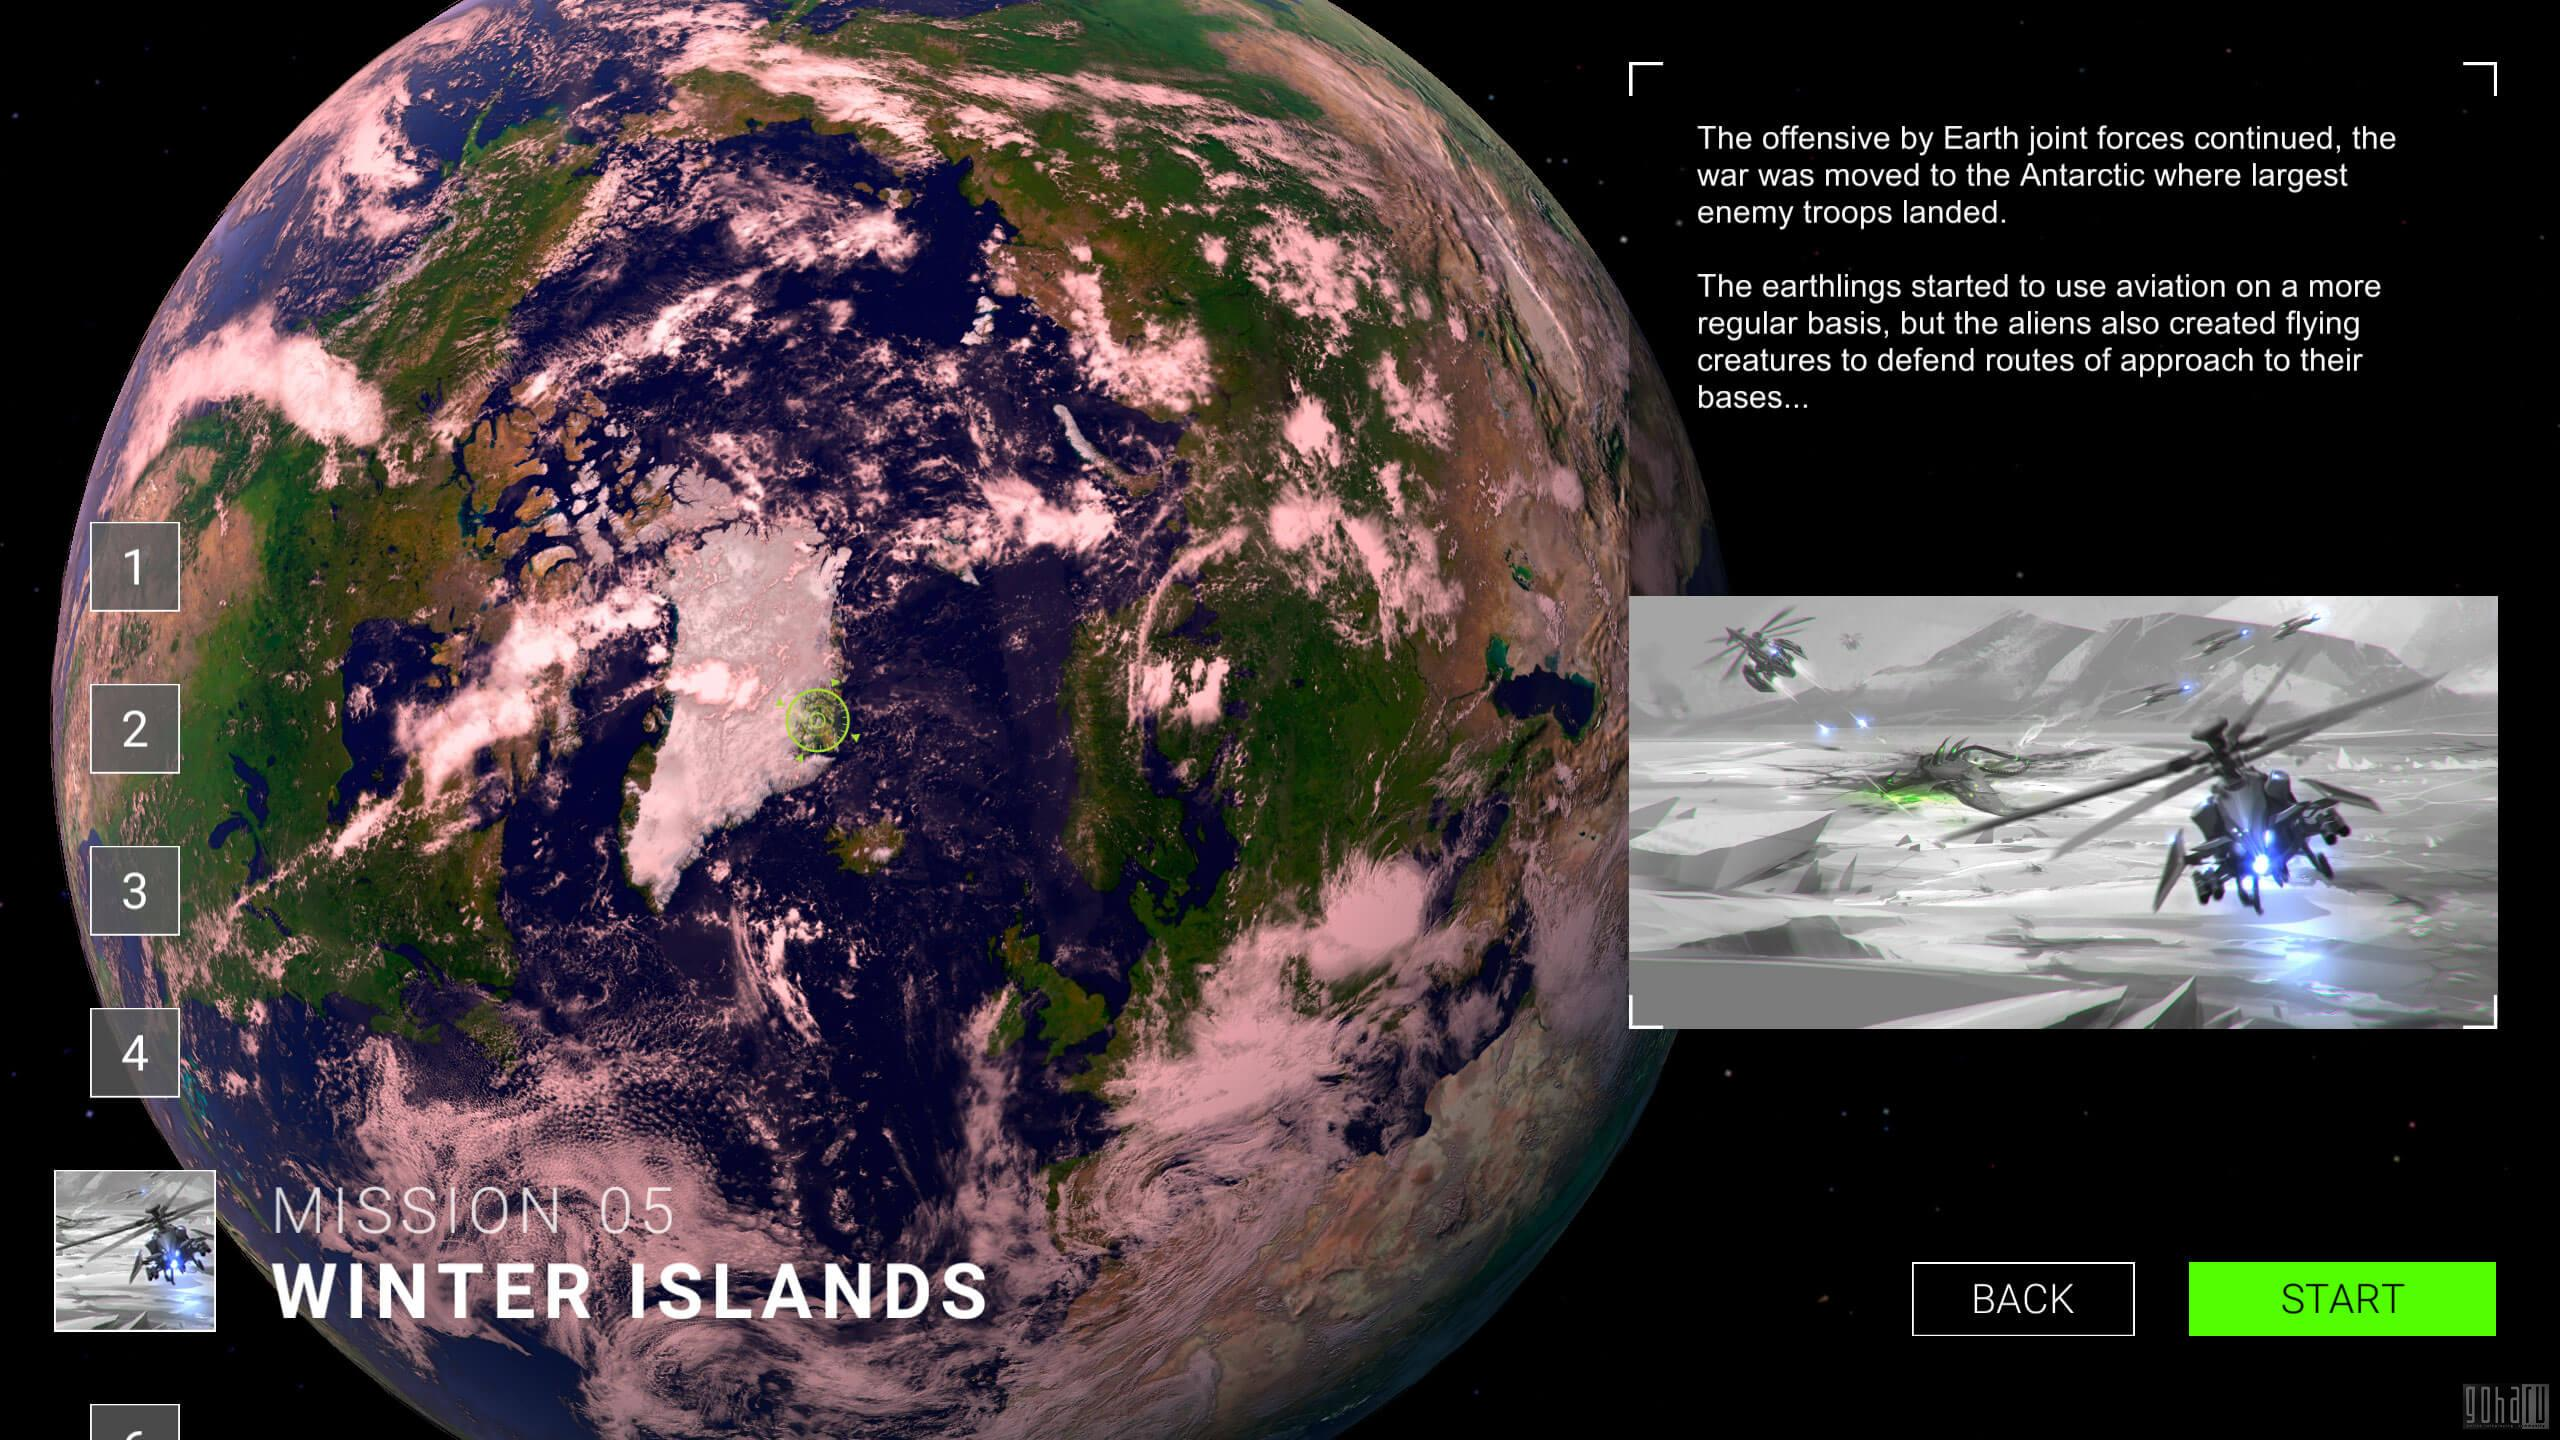 Earth liberation - вышла бесплатная демо-версия